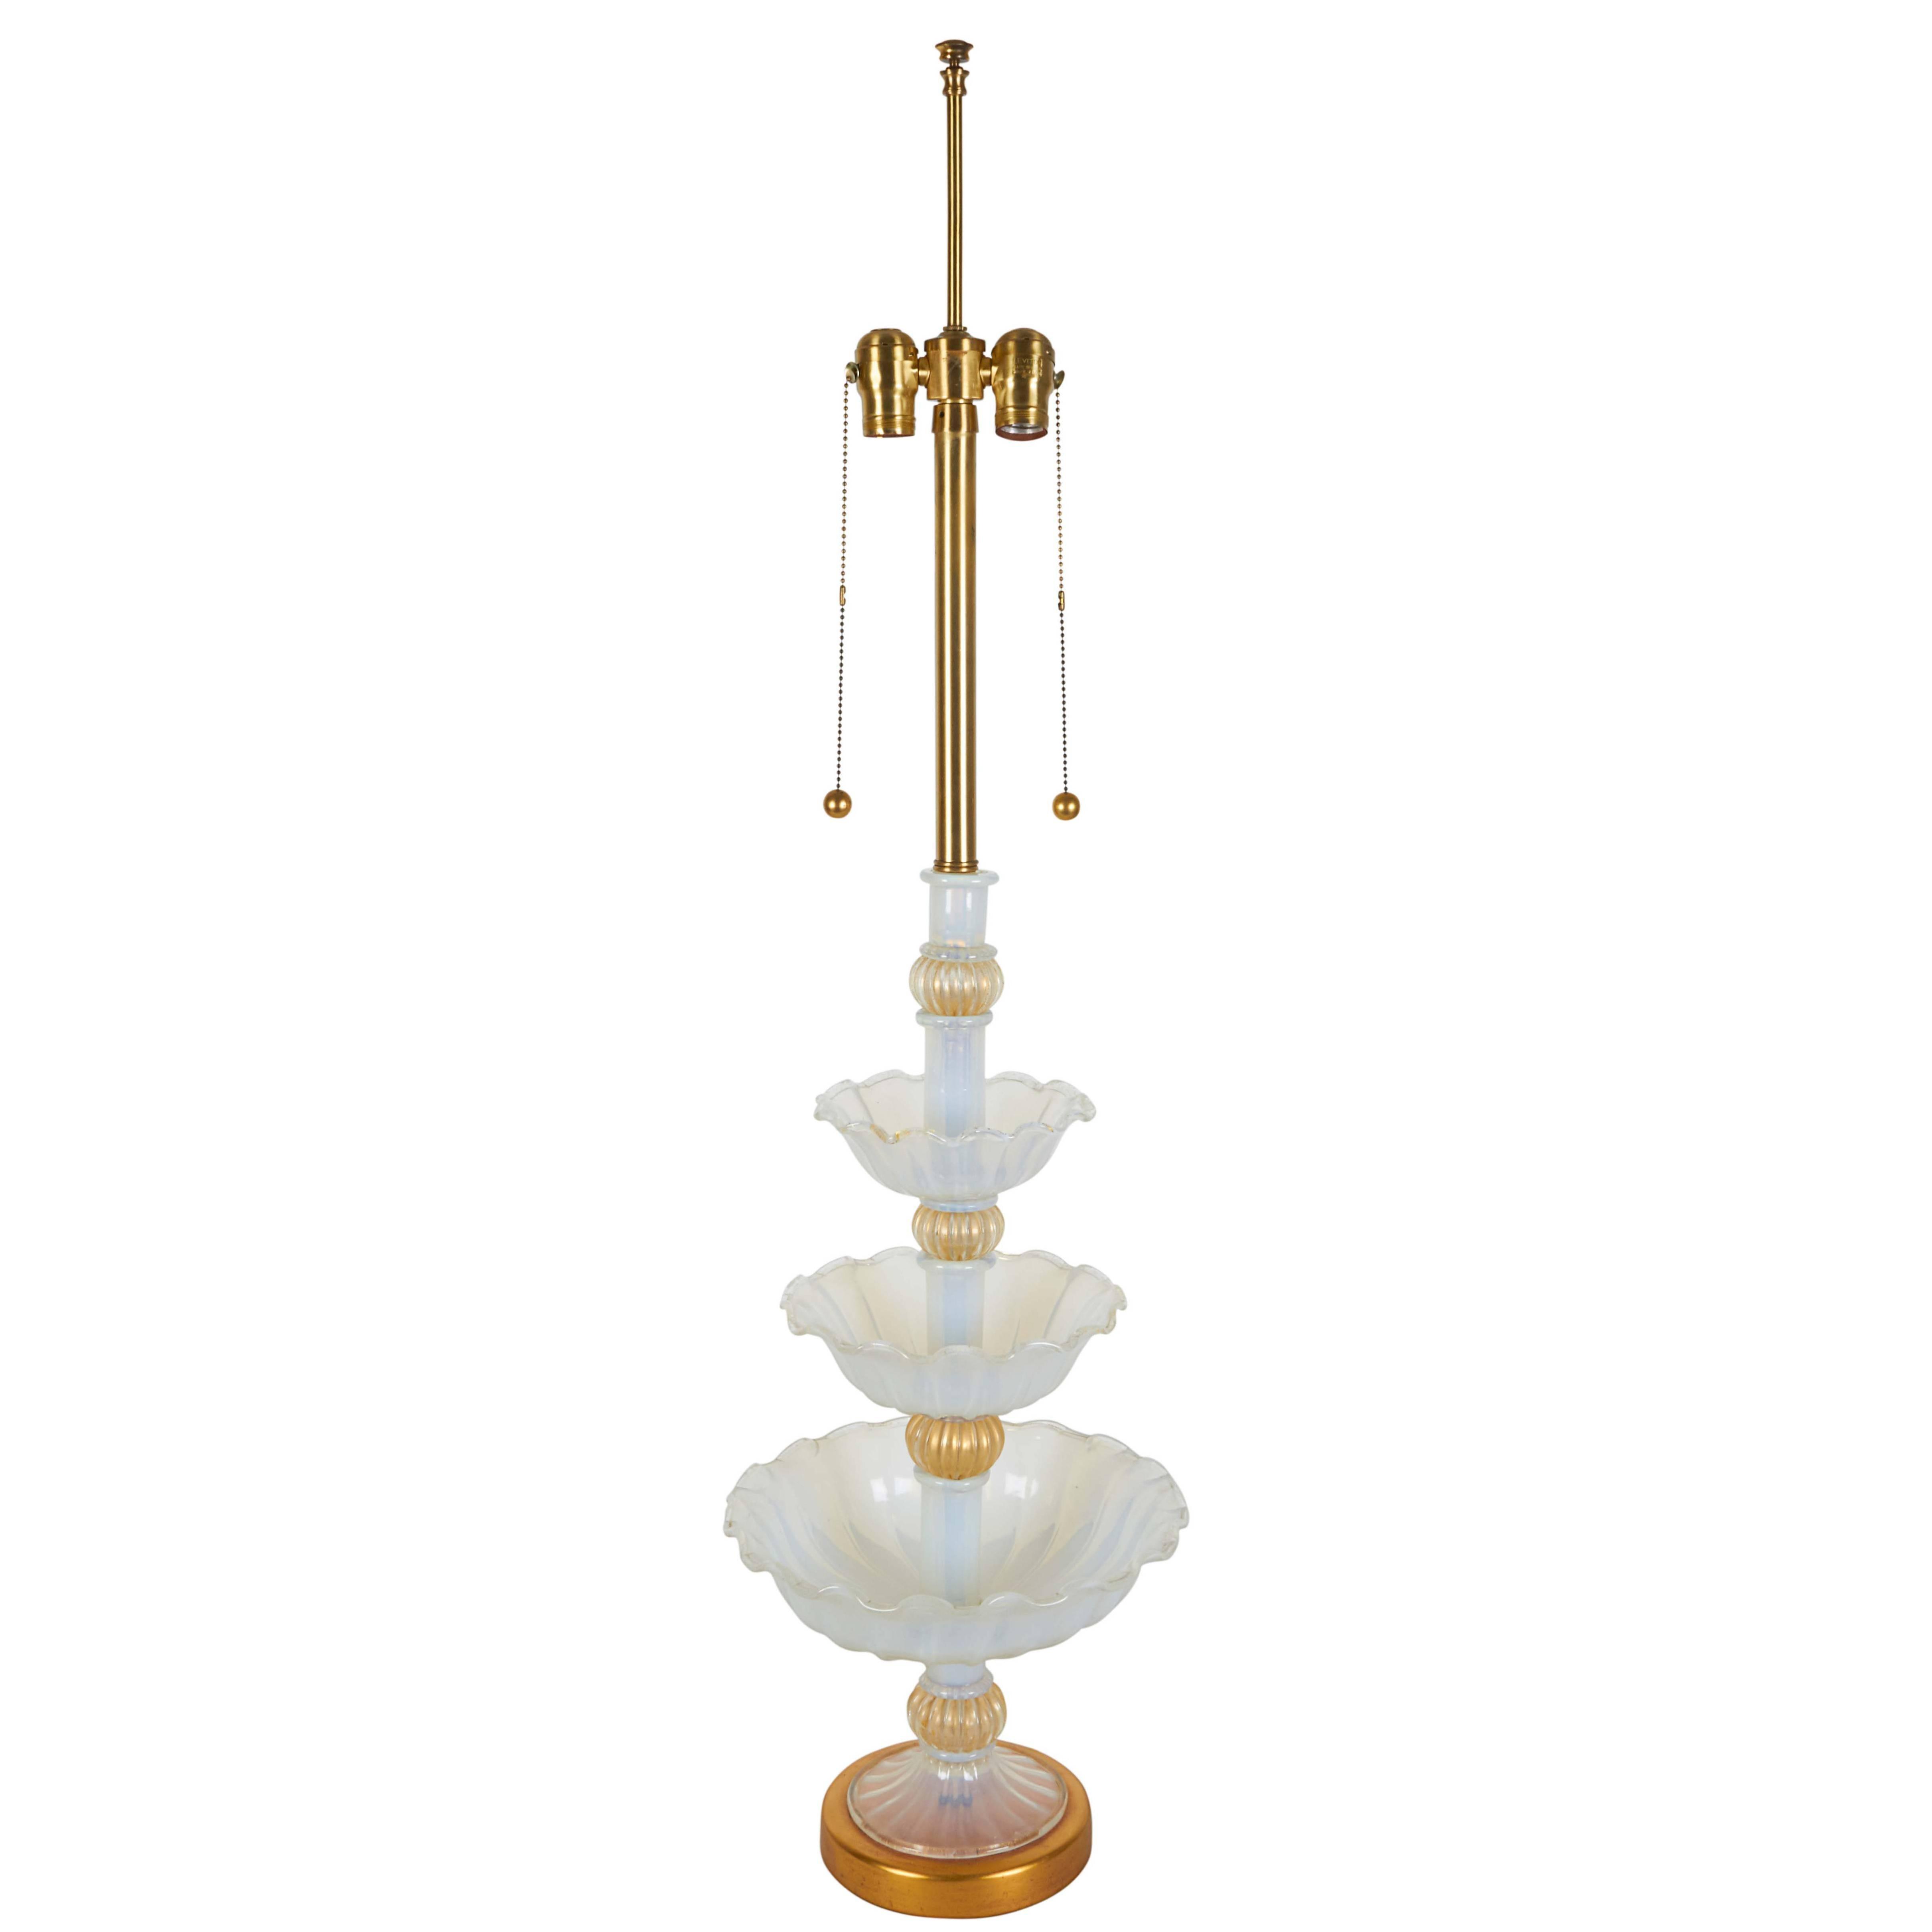 Seguso Murano Glass Handblown Opalescent Lamp